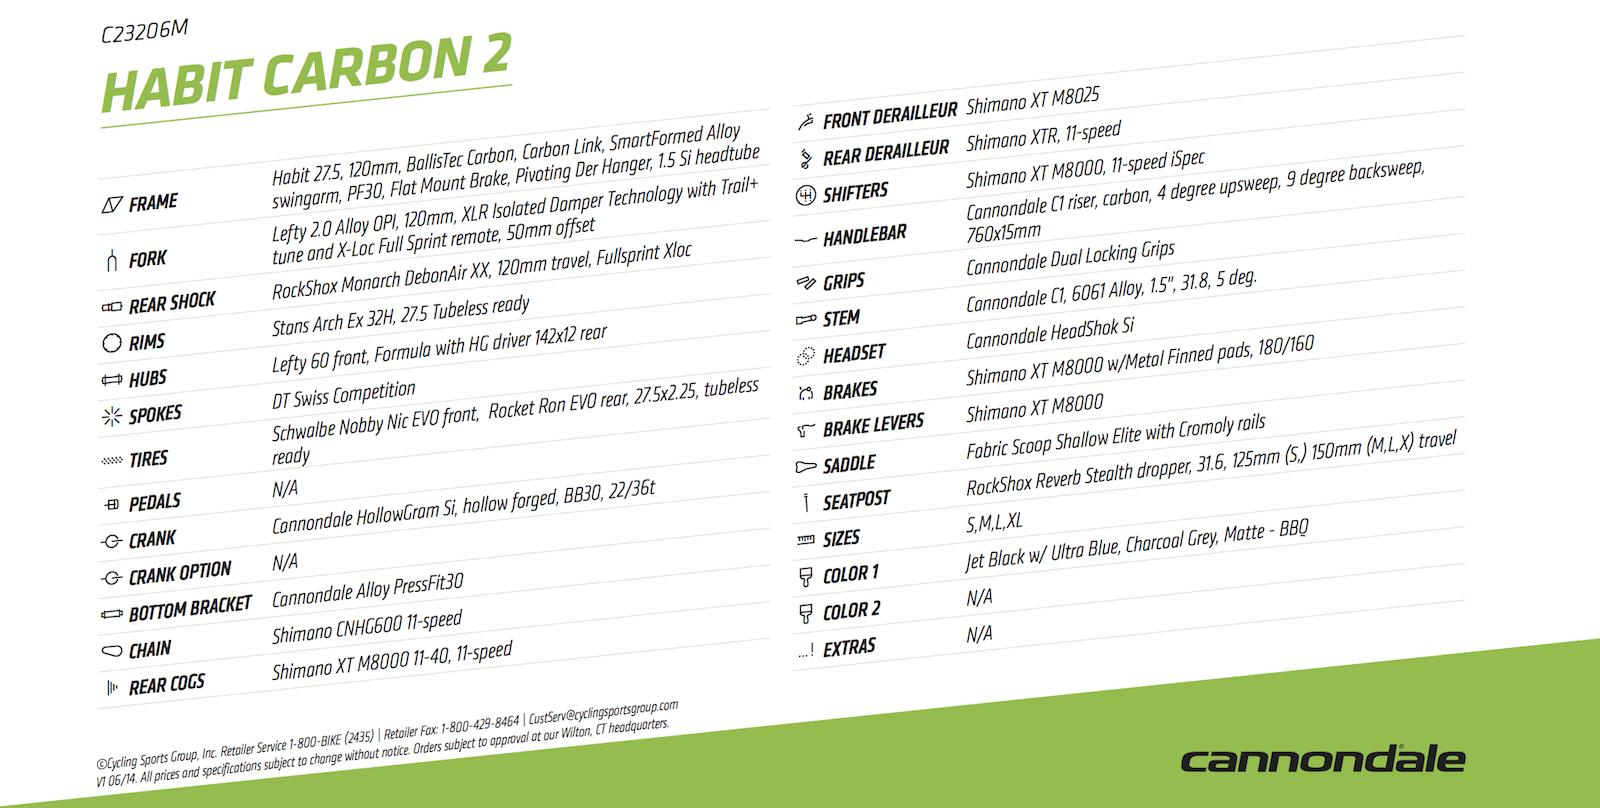 Cannondale 2016 Habit Carbon 2